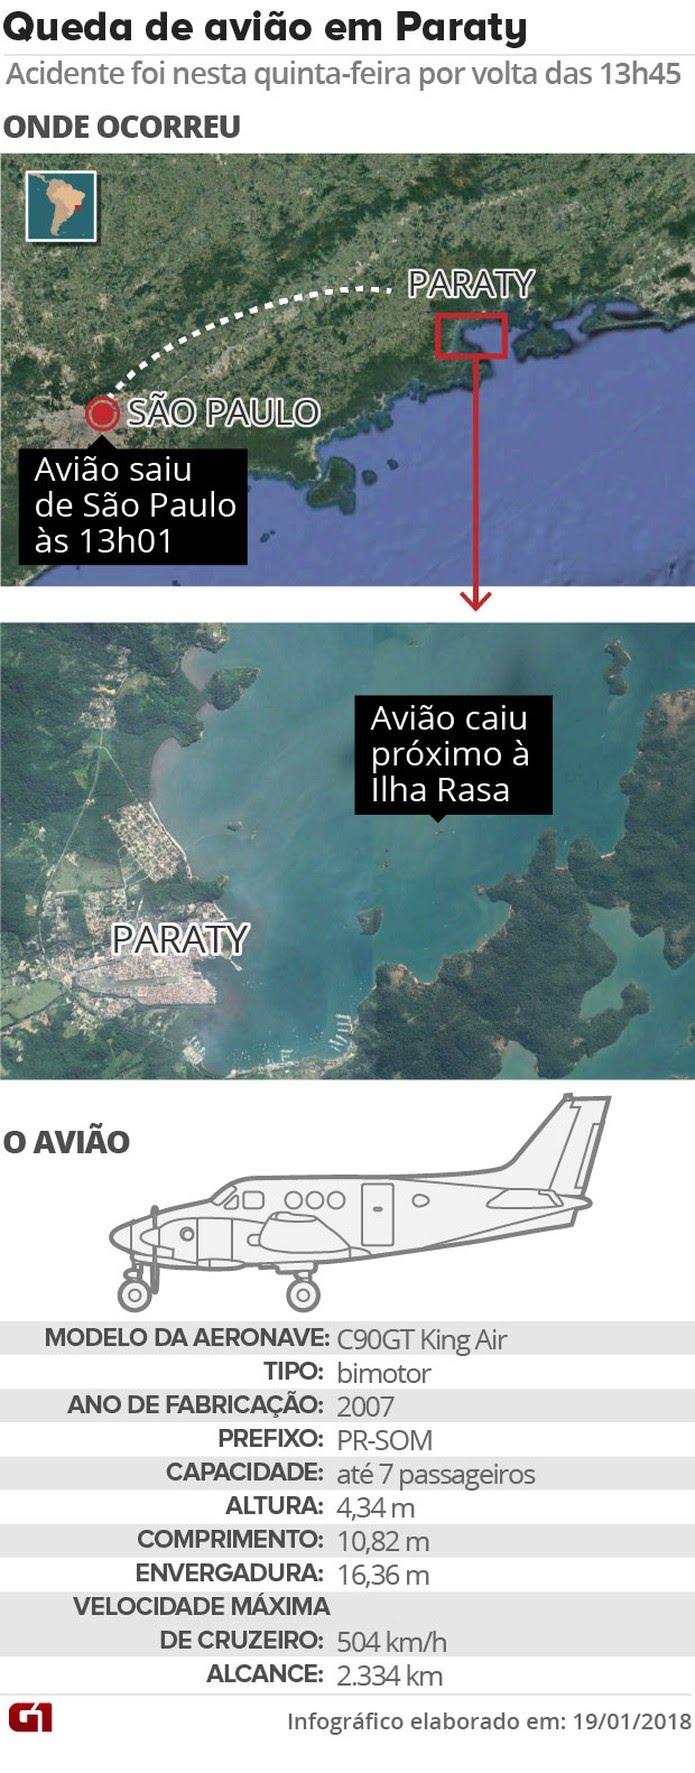 Avião que caiu com o ministro do STF Teori Zavascki saiu de SP.